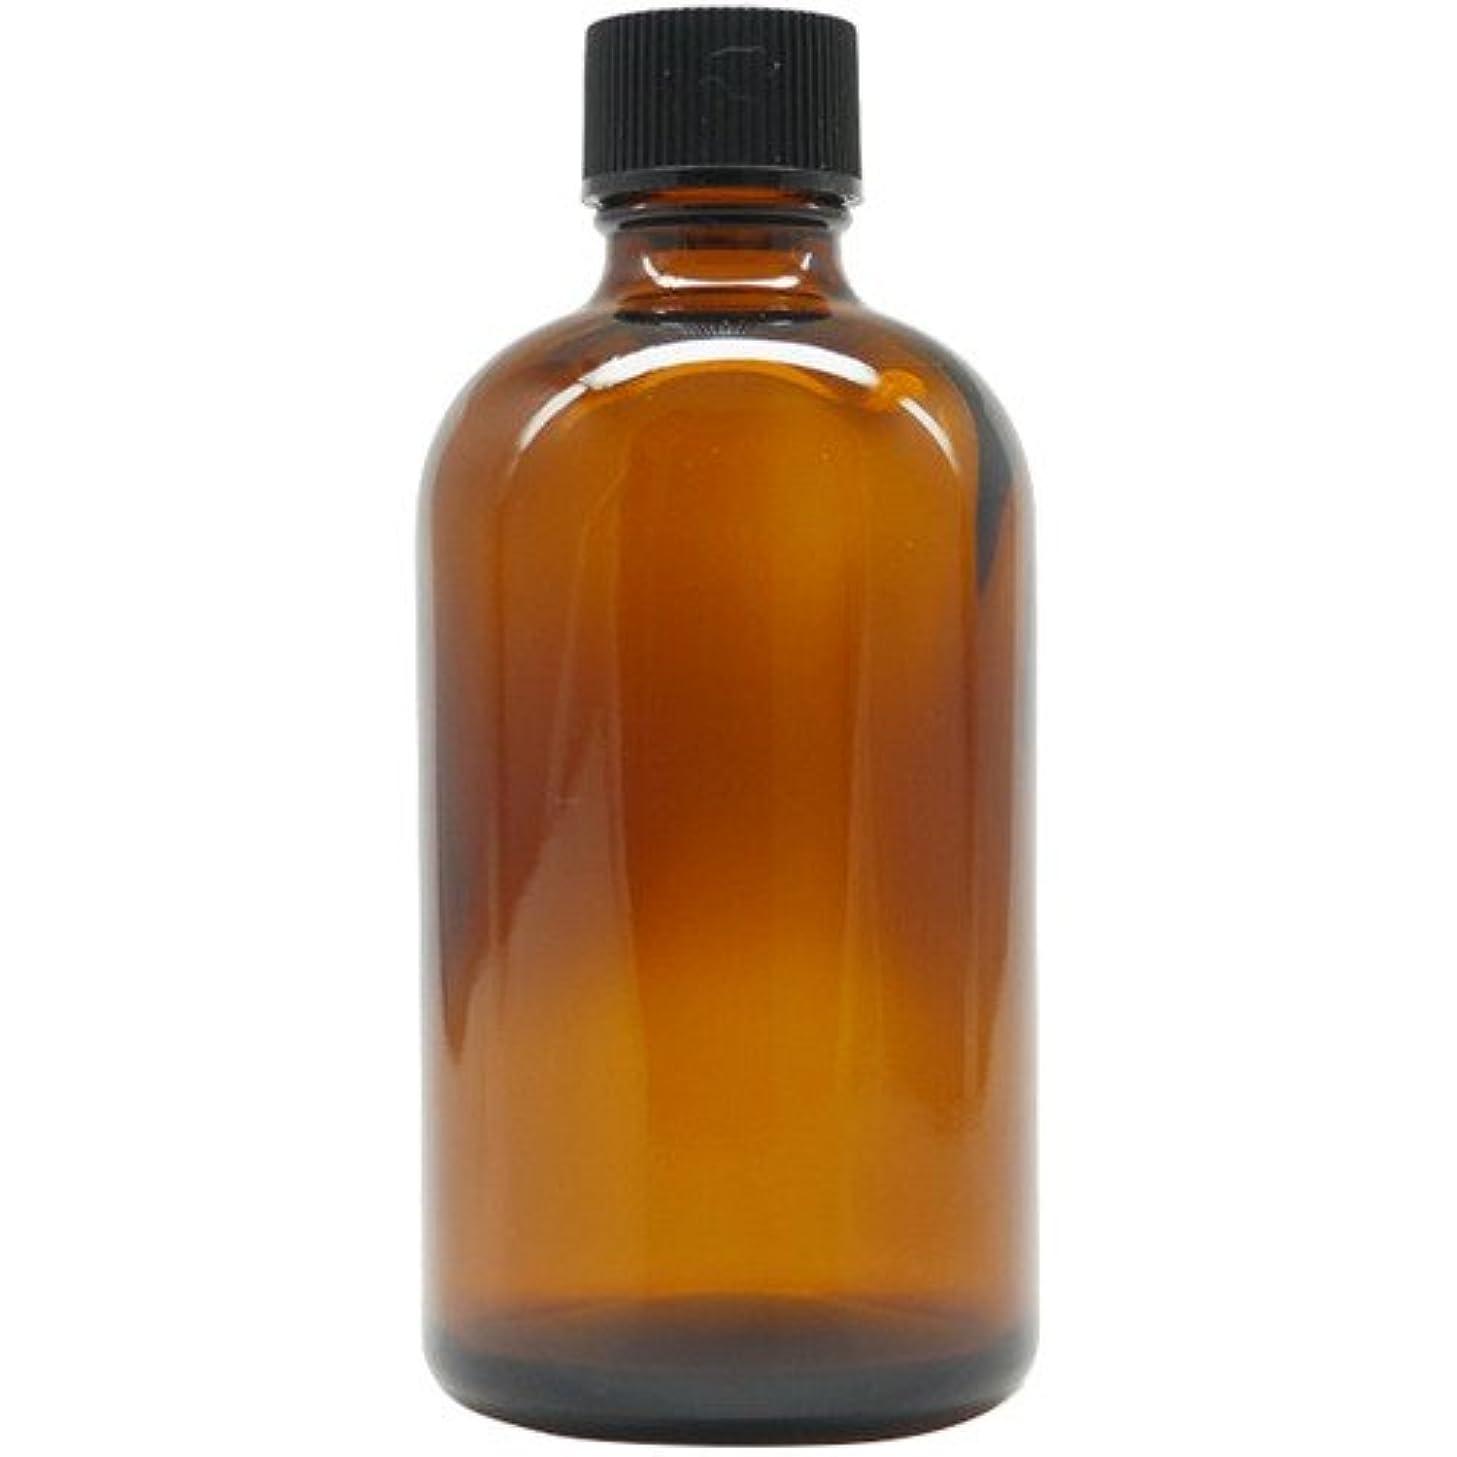 歯痛政治家のアレルギーアロマアンドライフ (D)茶瓶ドロップ栓100ml 3本セット